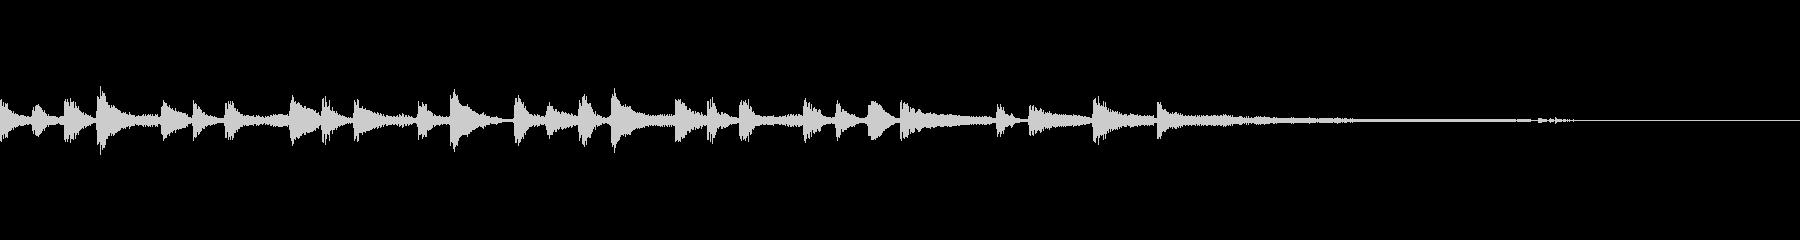 ポップなジングルですの未再生の波形